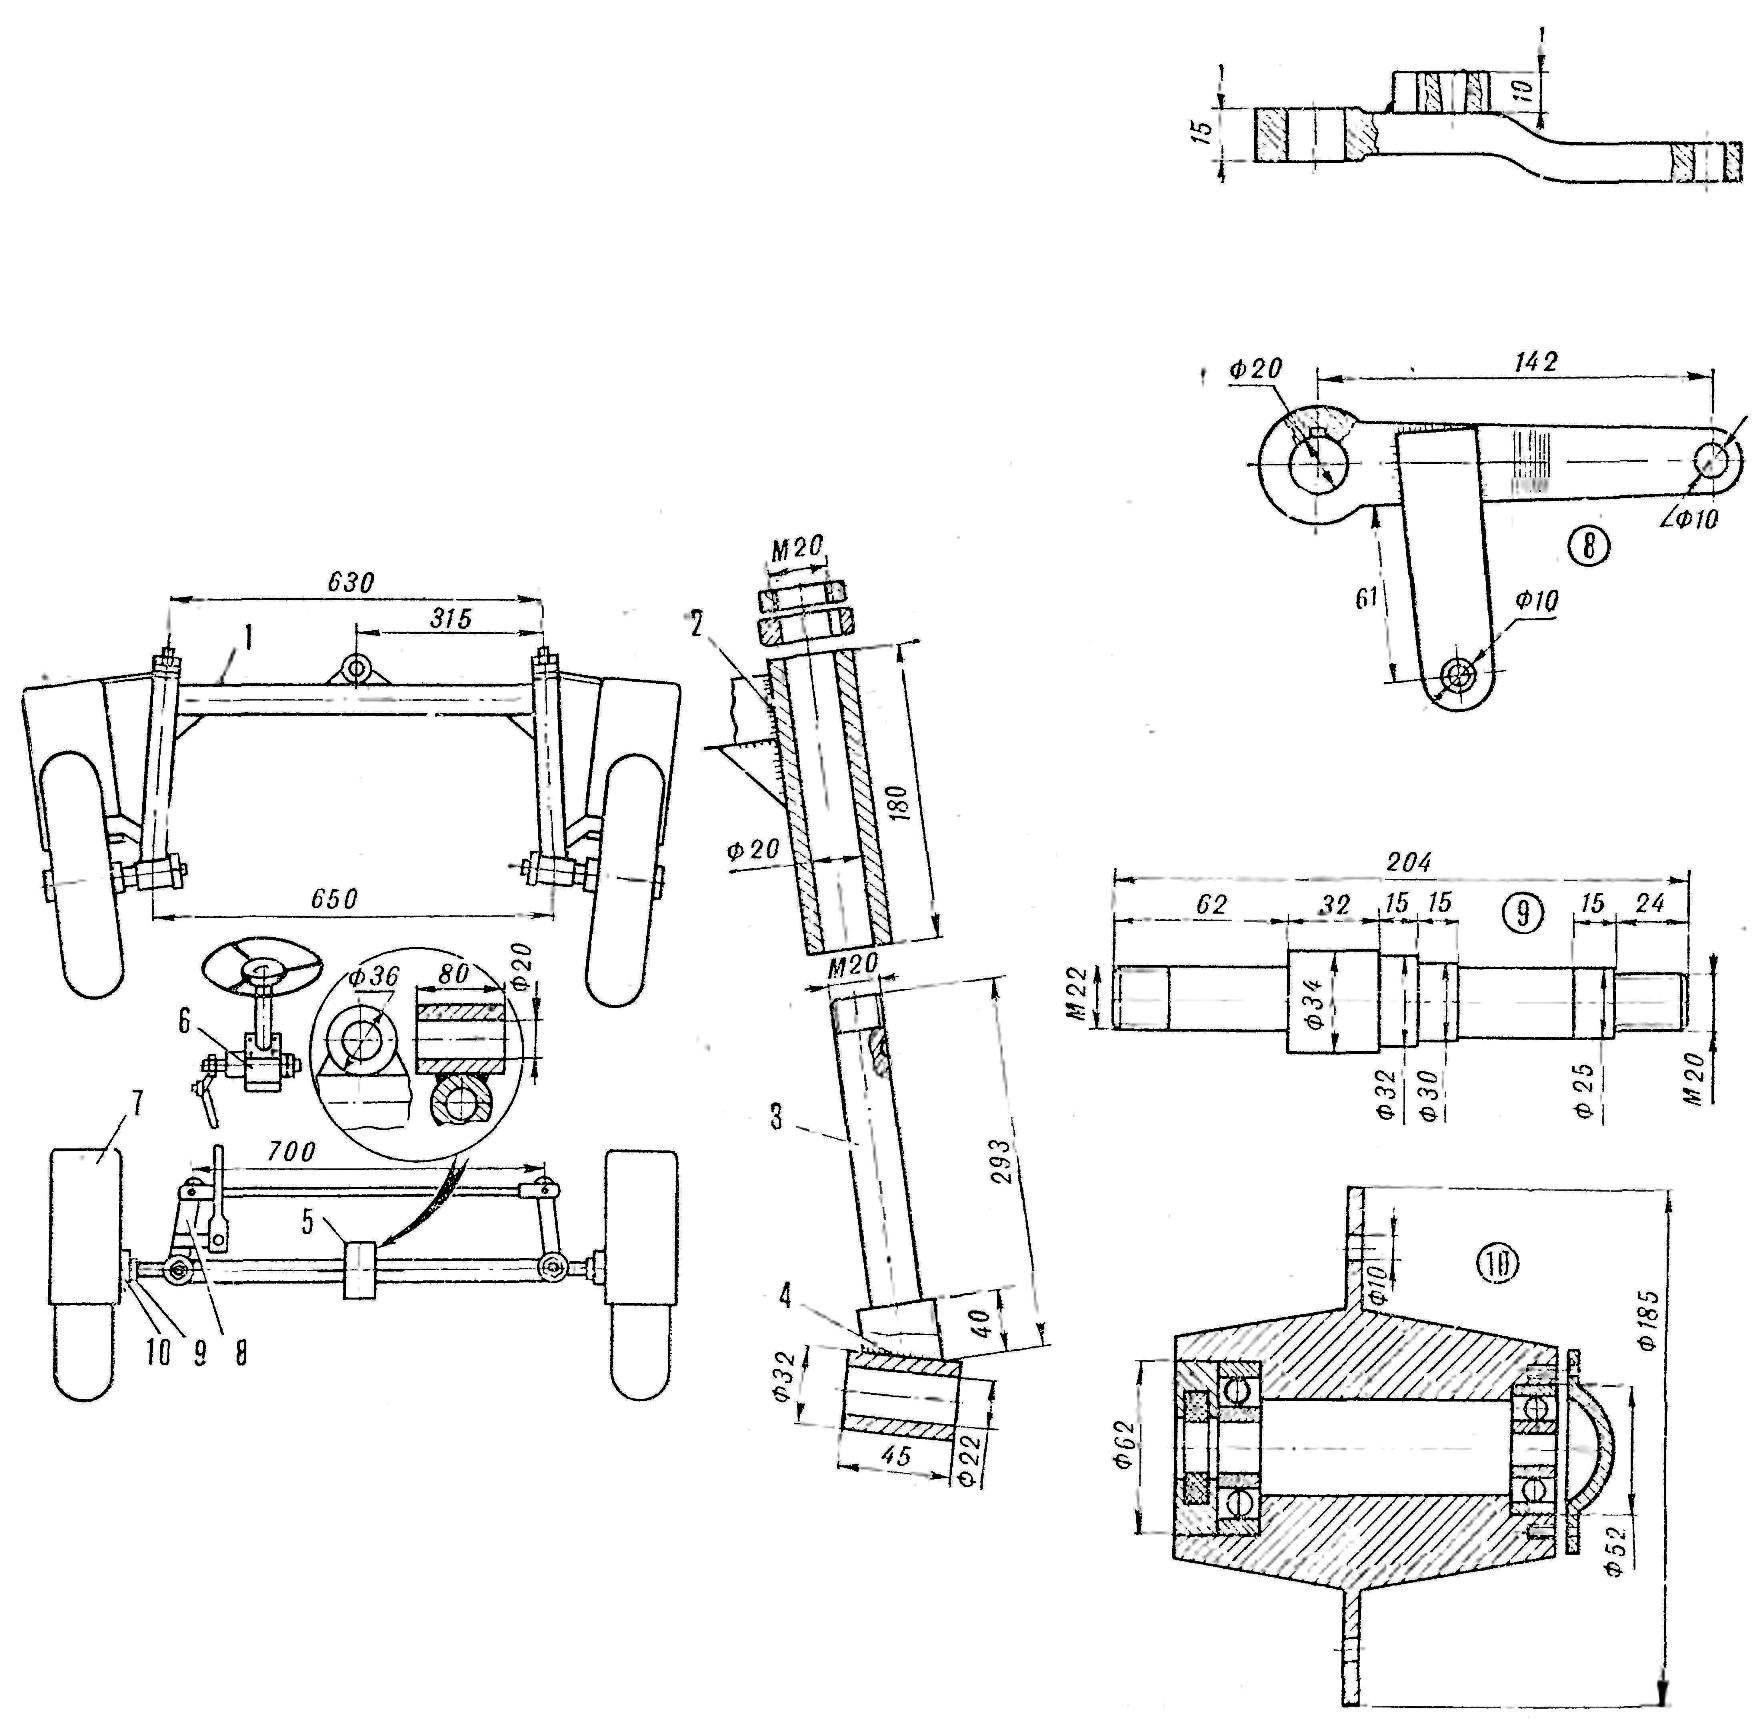 Fig. 4. Steering control scheme